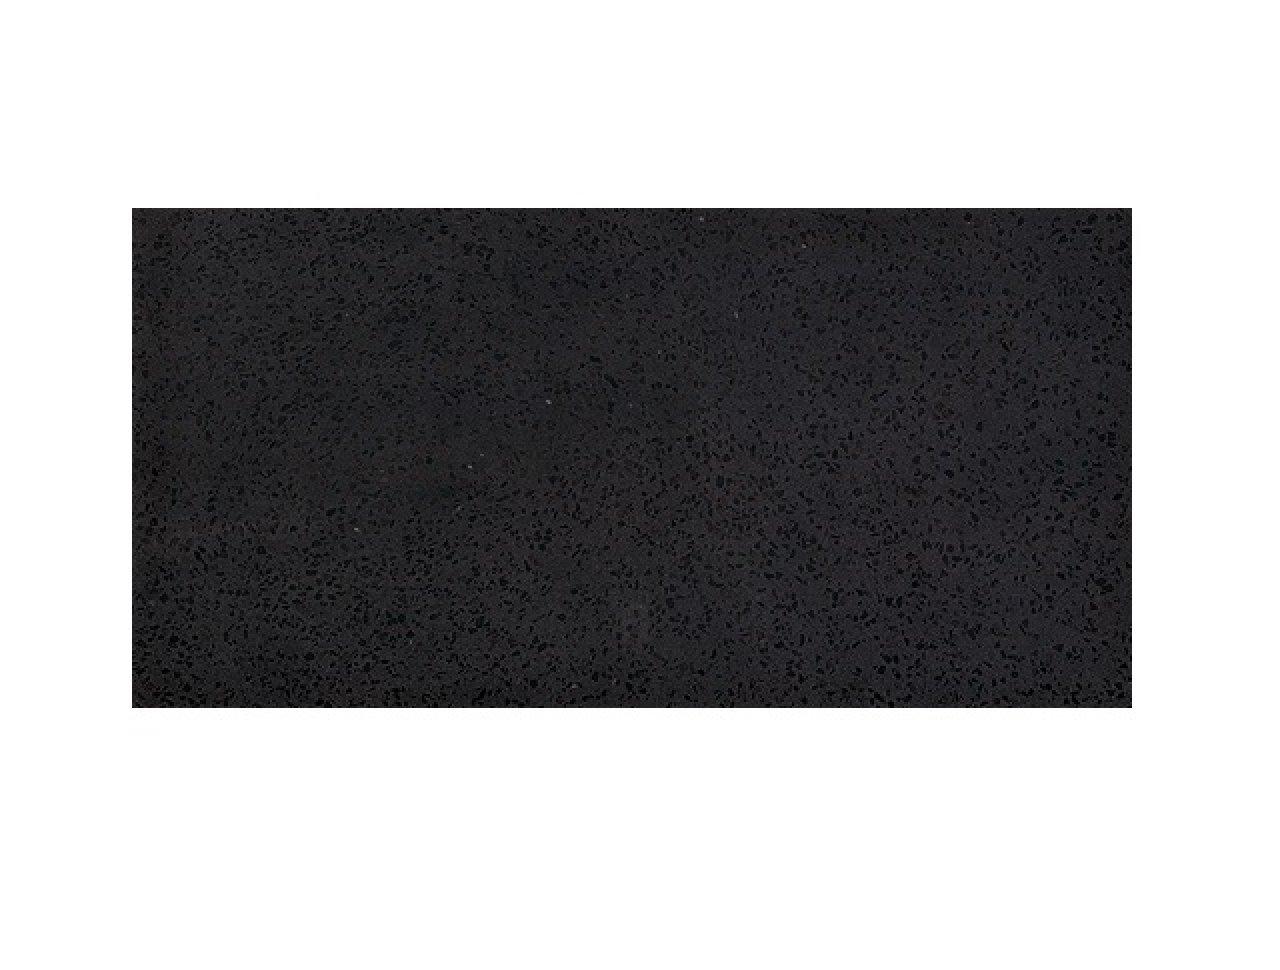 Напольная плитка Marvel Terrazzo Black Lappato 75x150